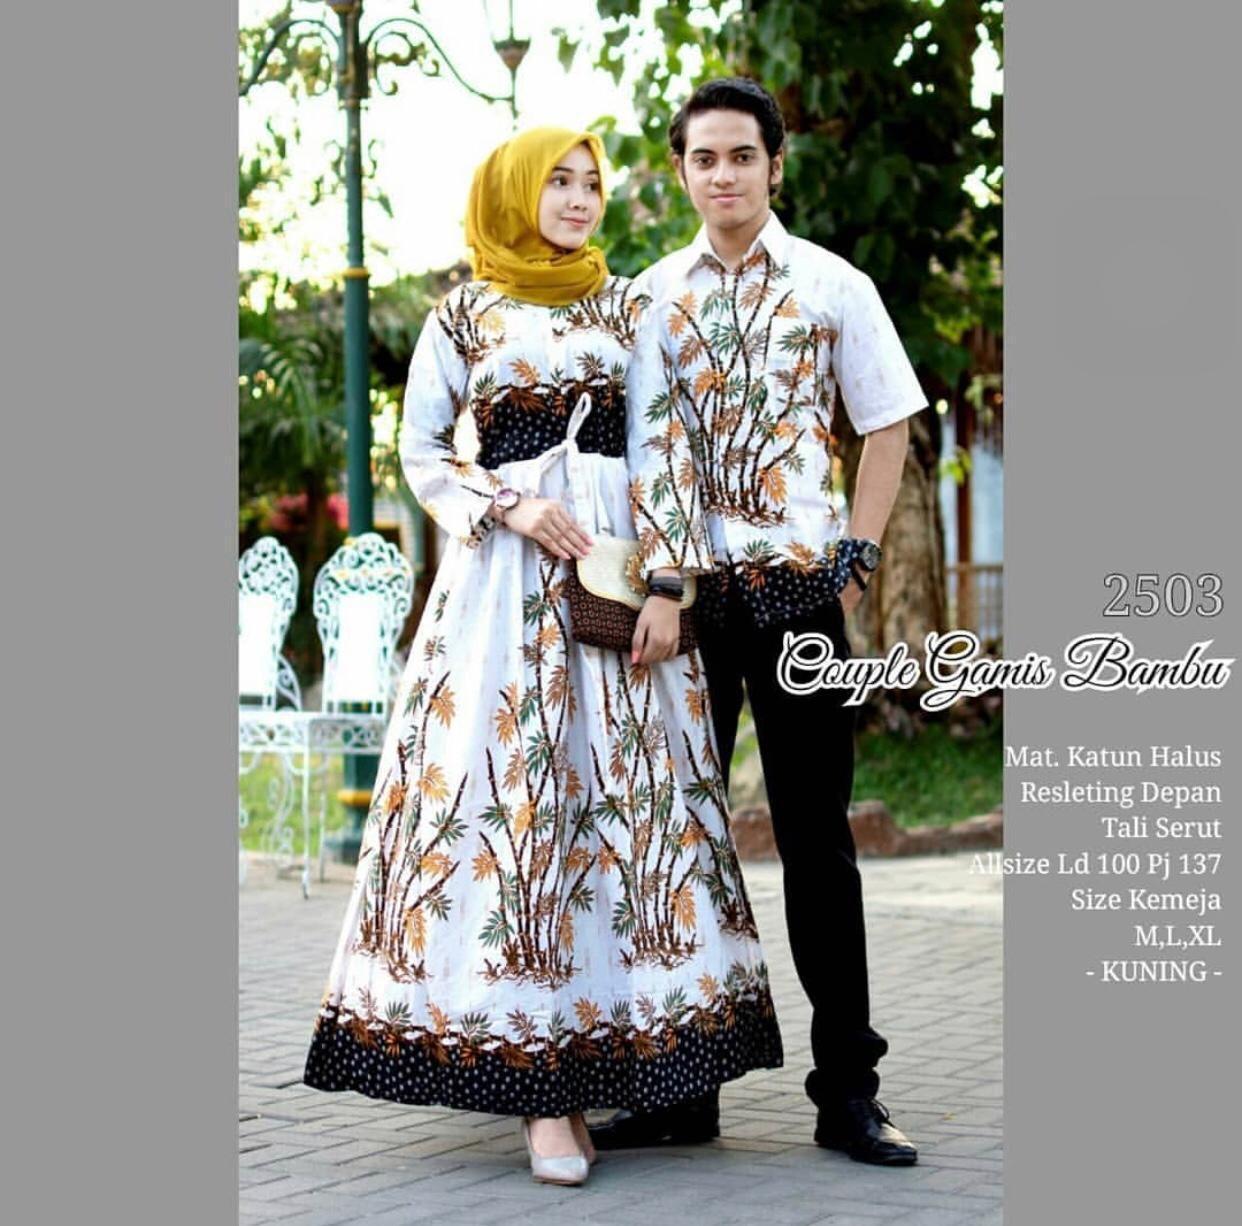 Likin TERMAHAL Baju batik couple sarimbit sepasang hem dan gamis batik murah terbaru Couple Gamis Bambu Kode 2503